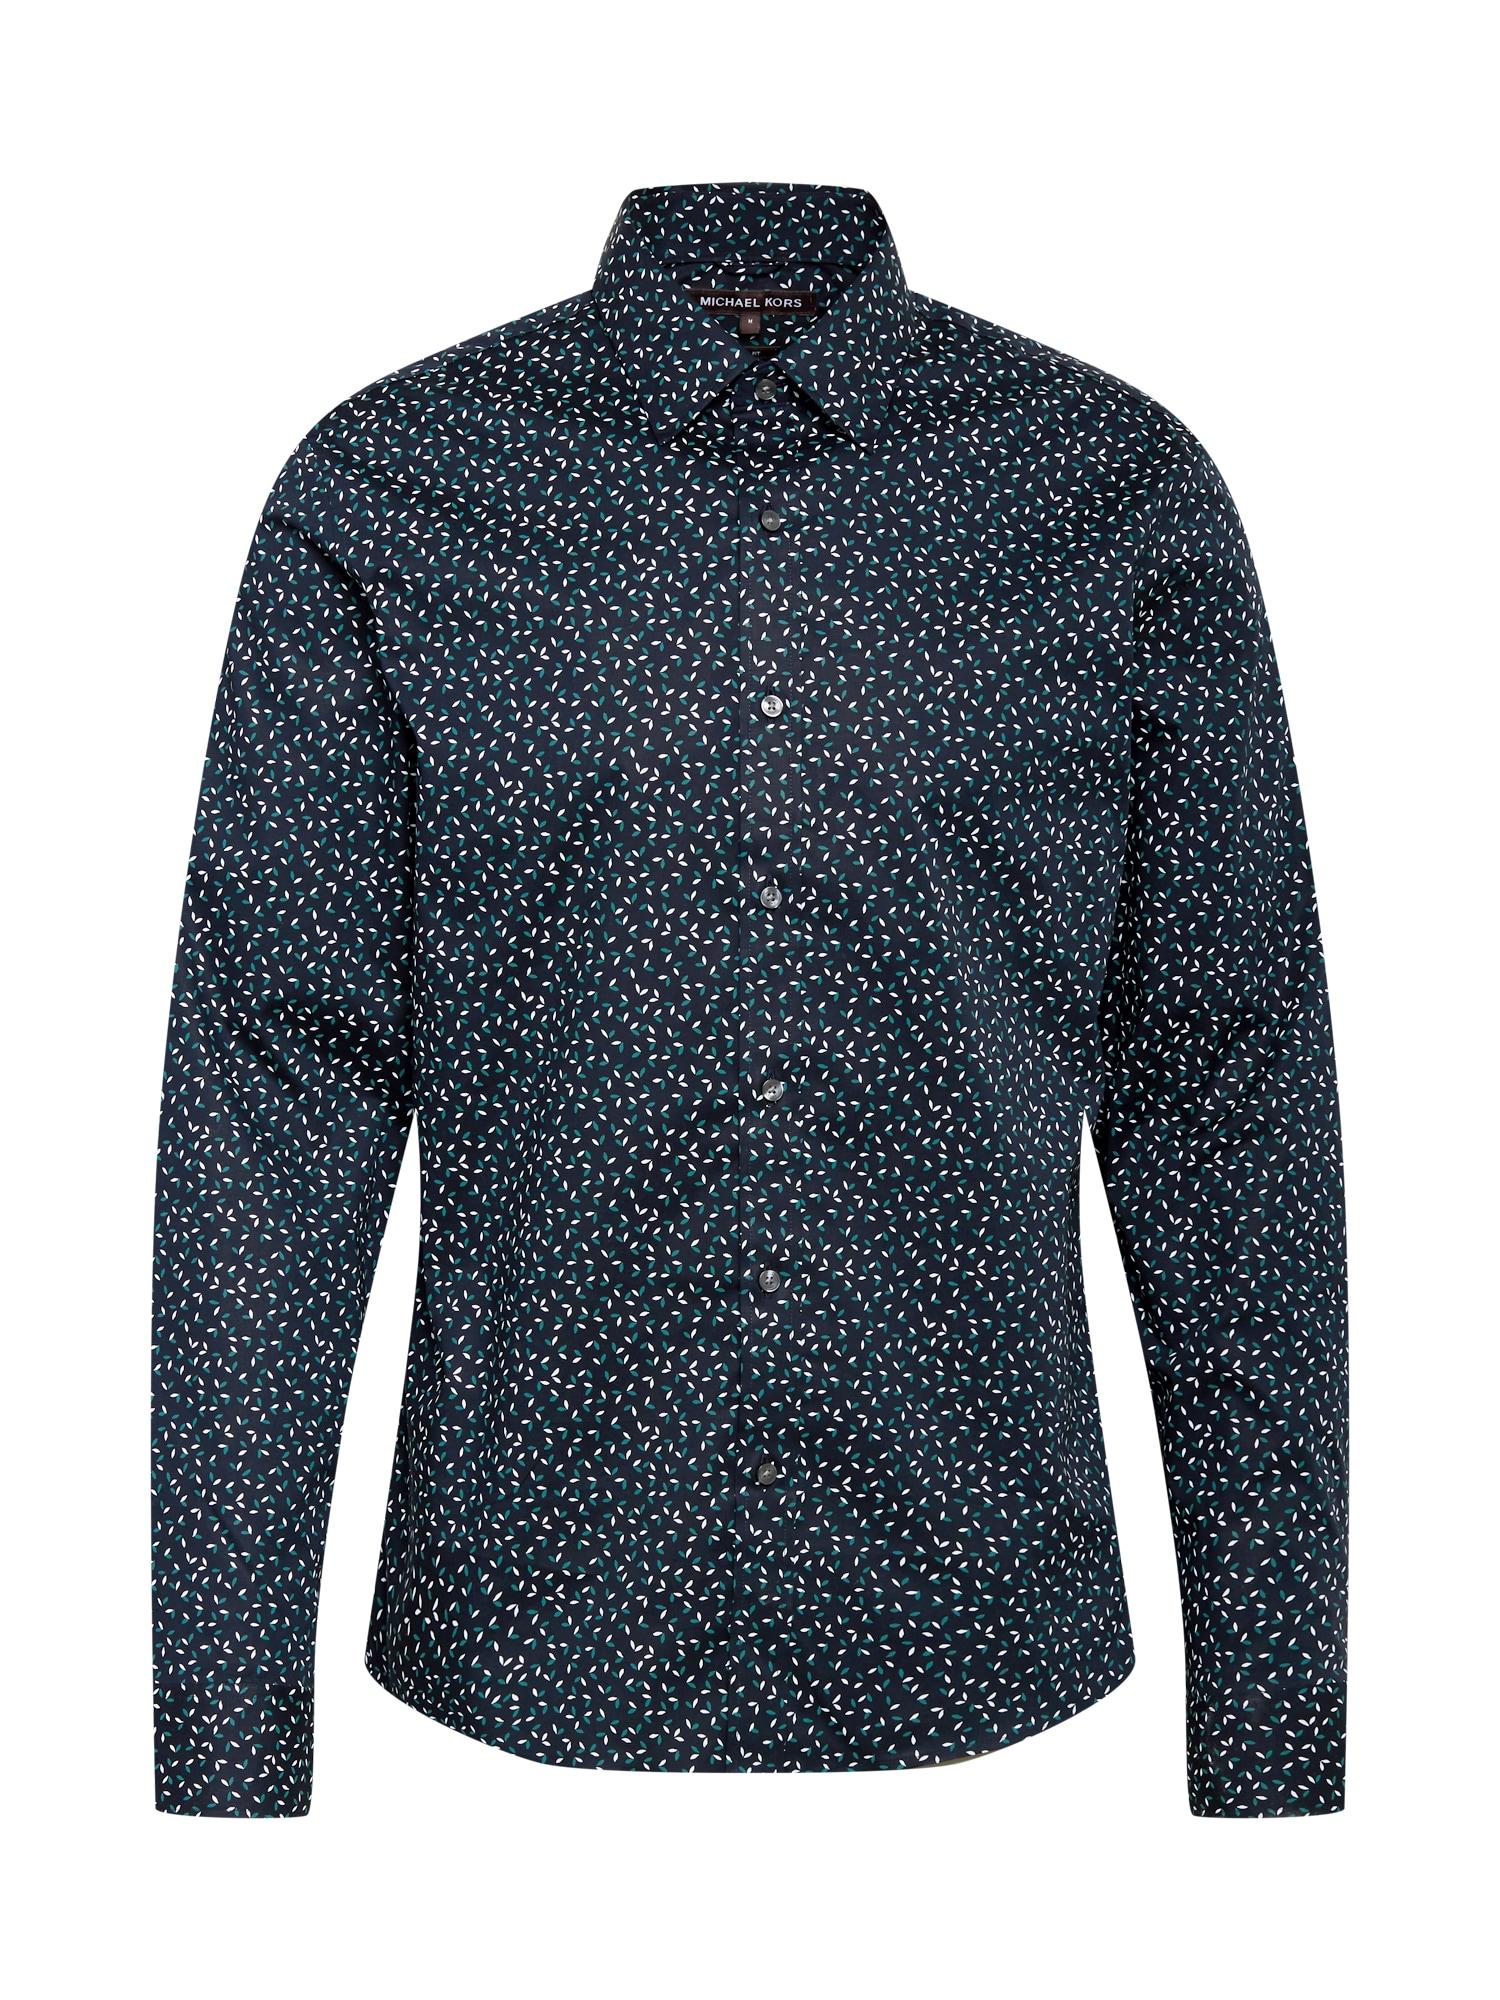 Michael Kors Marškiniai tamsiai mėlyna / smaragdinė spalva / balta